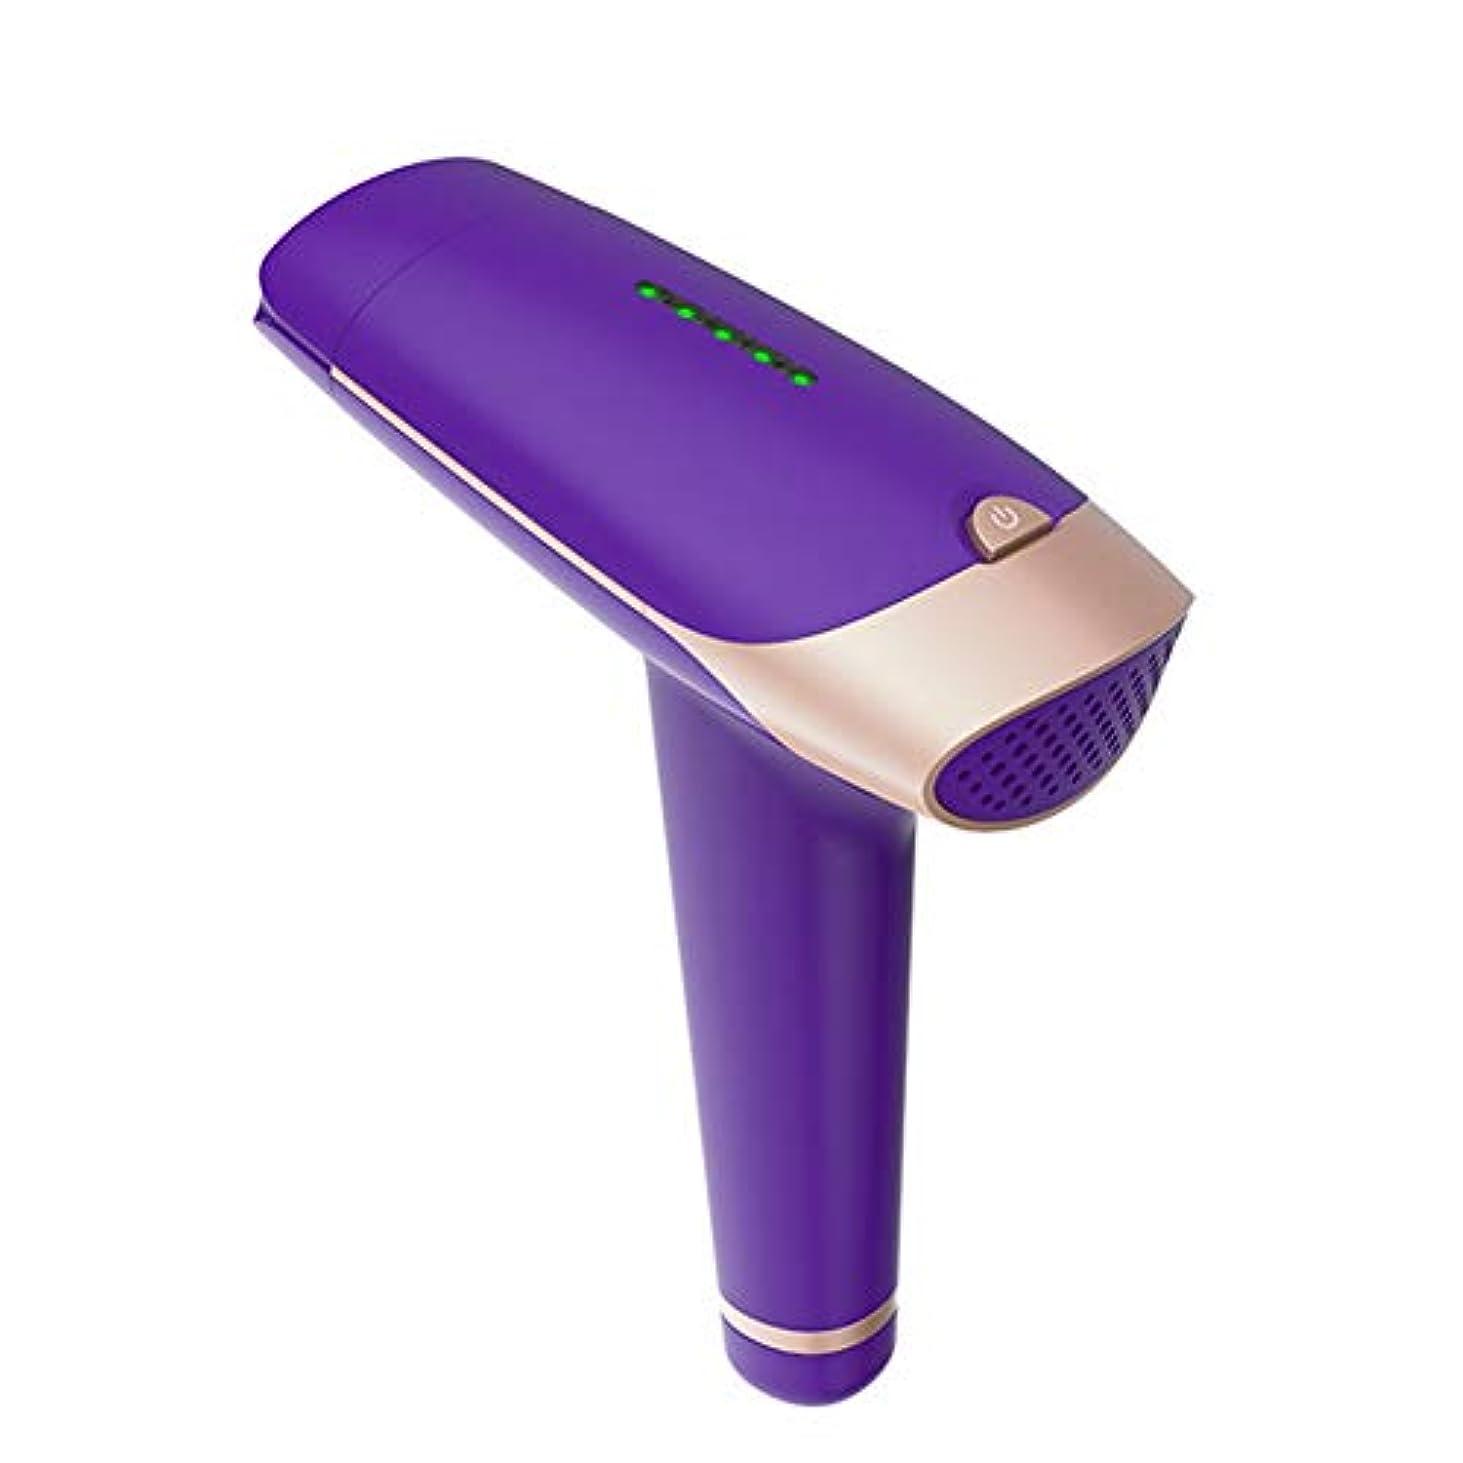 活性化マスタードお気に入り新しい紫色の家庭用脱毛器具、安全で痛みのない、長期脱毛、全身への繰り返し塗布なし